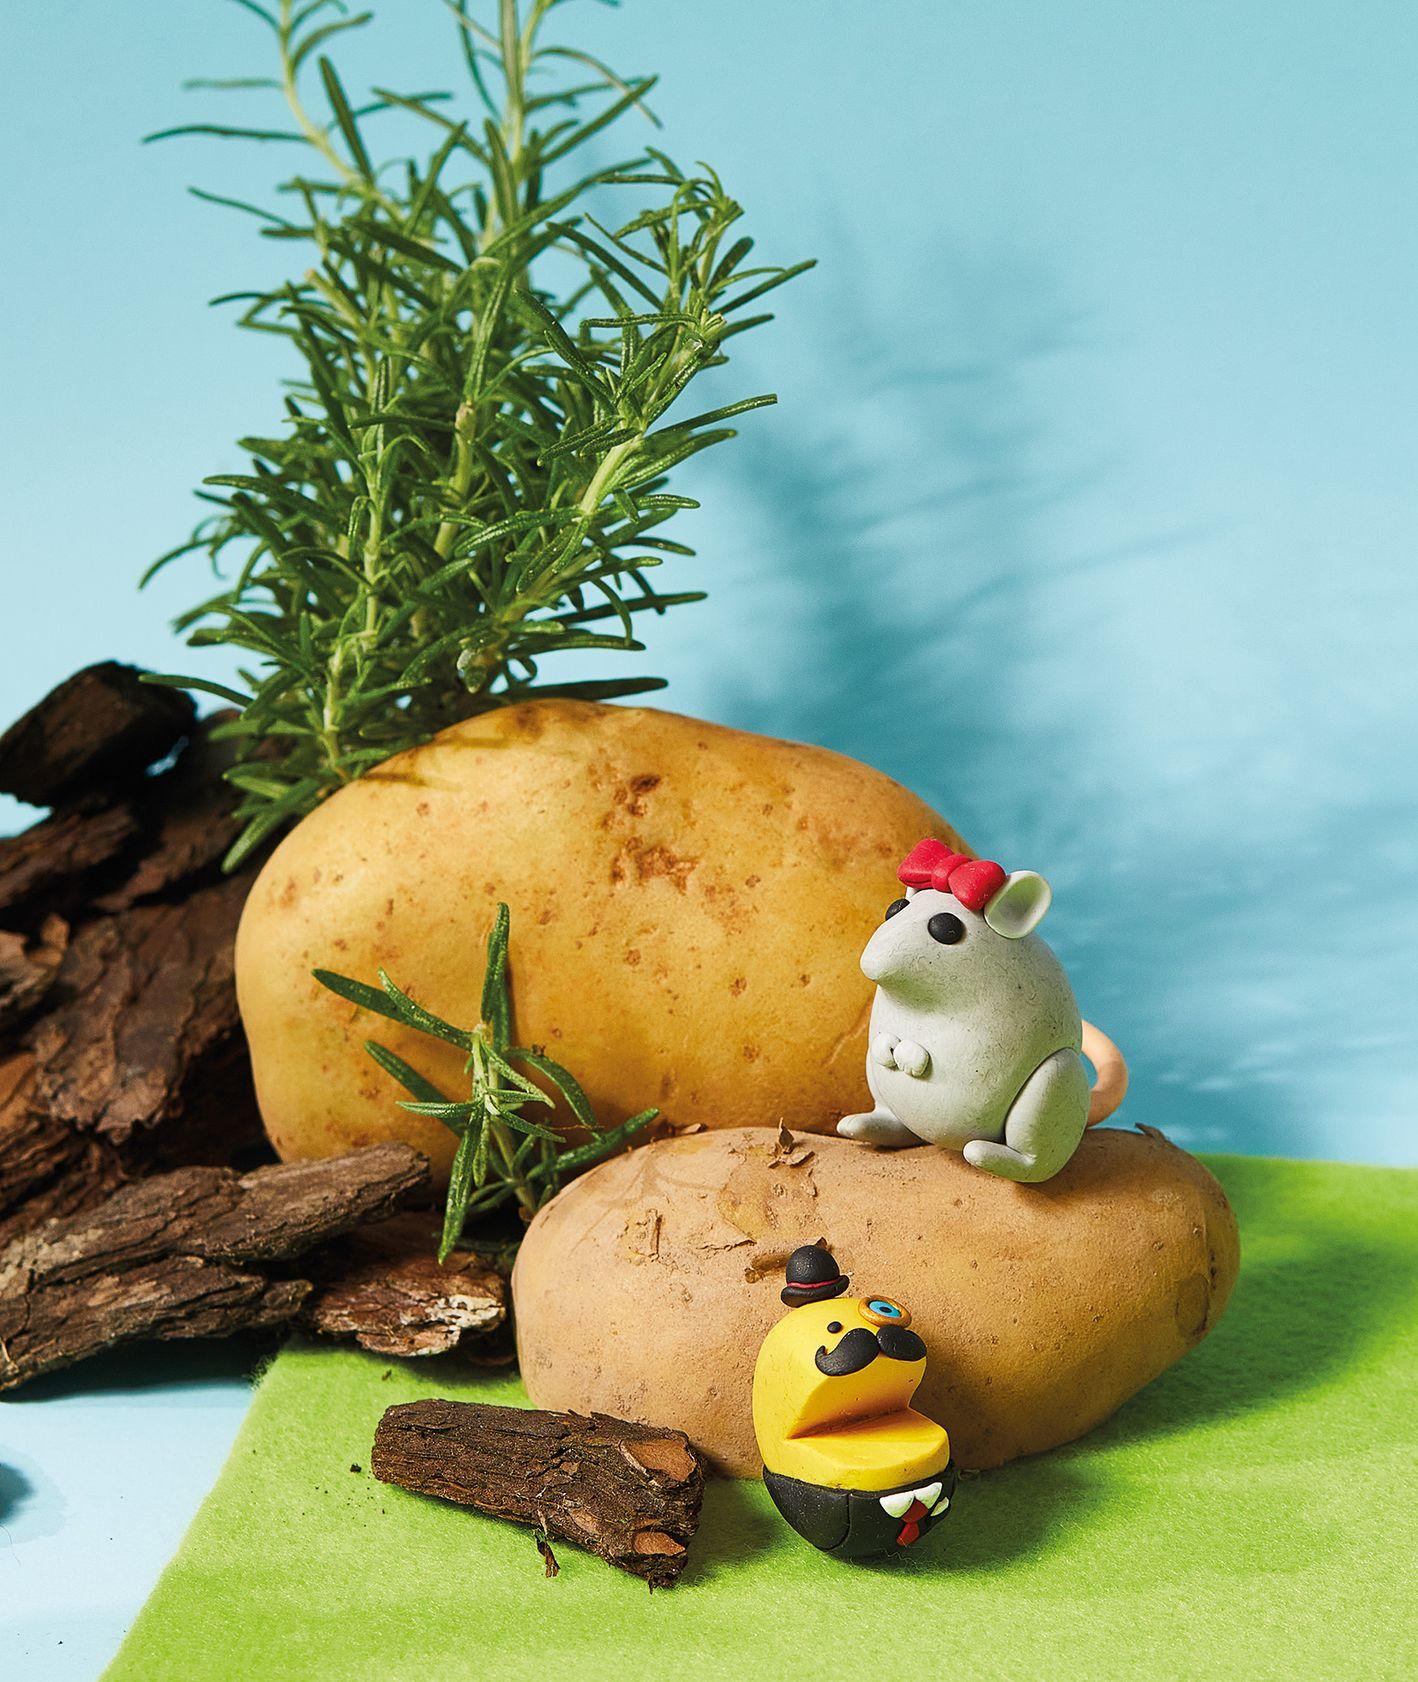 KUKBUK dzieciaki, pomysły na przepisy dla dzieci, figurki z modeliny, dzieci w kuchni (fot. Maciej Niemojewski, figurki z modeliny Janek Szwaj)